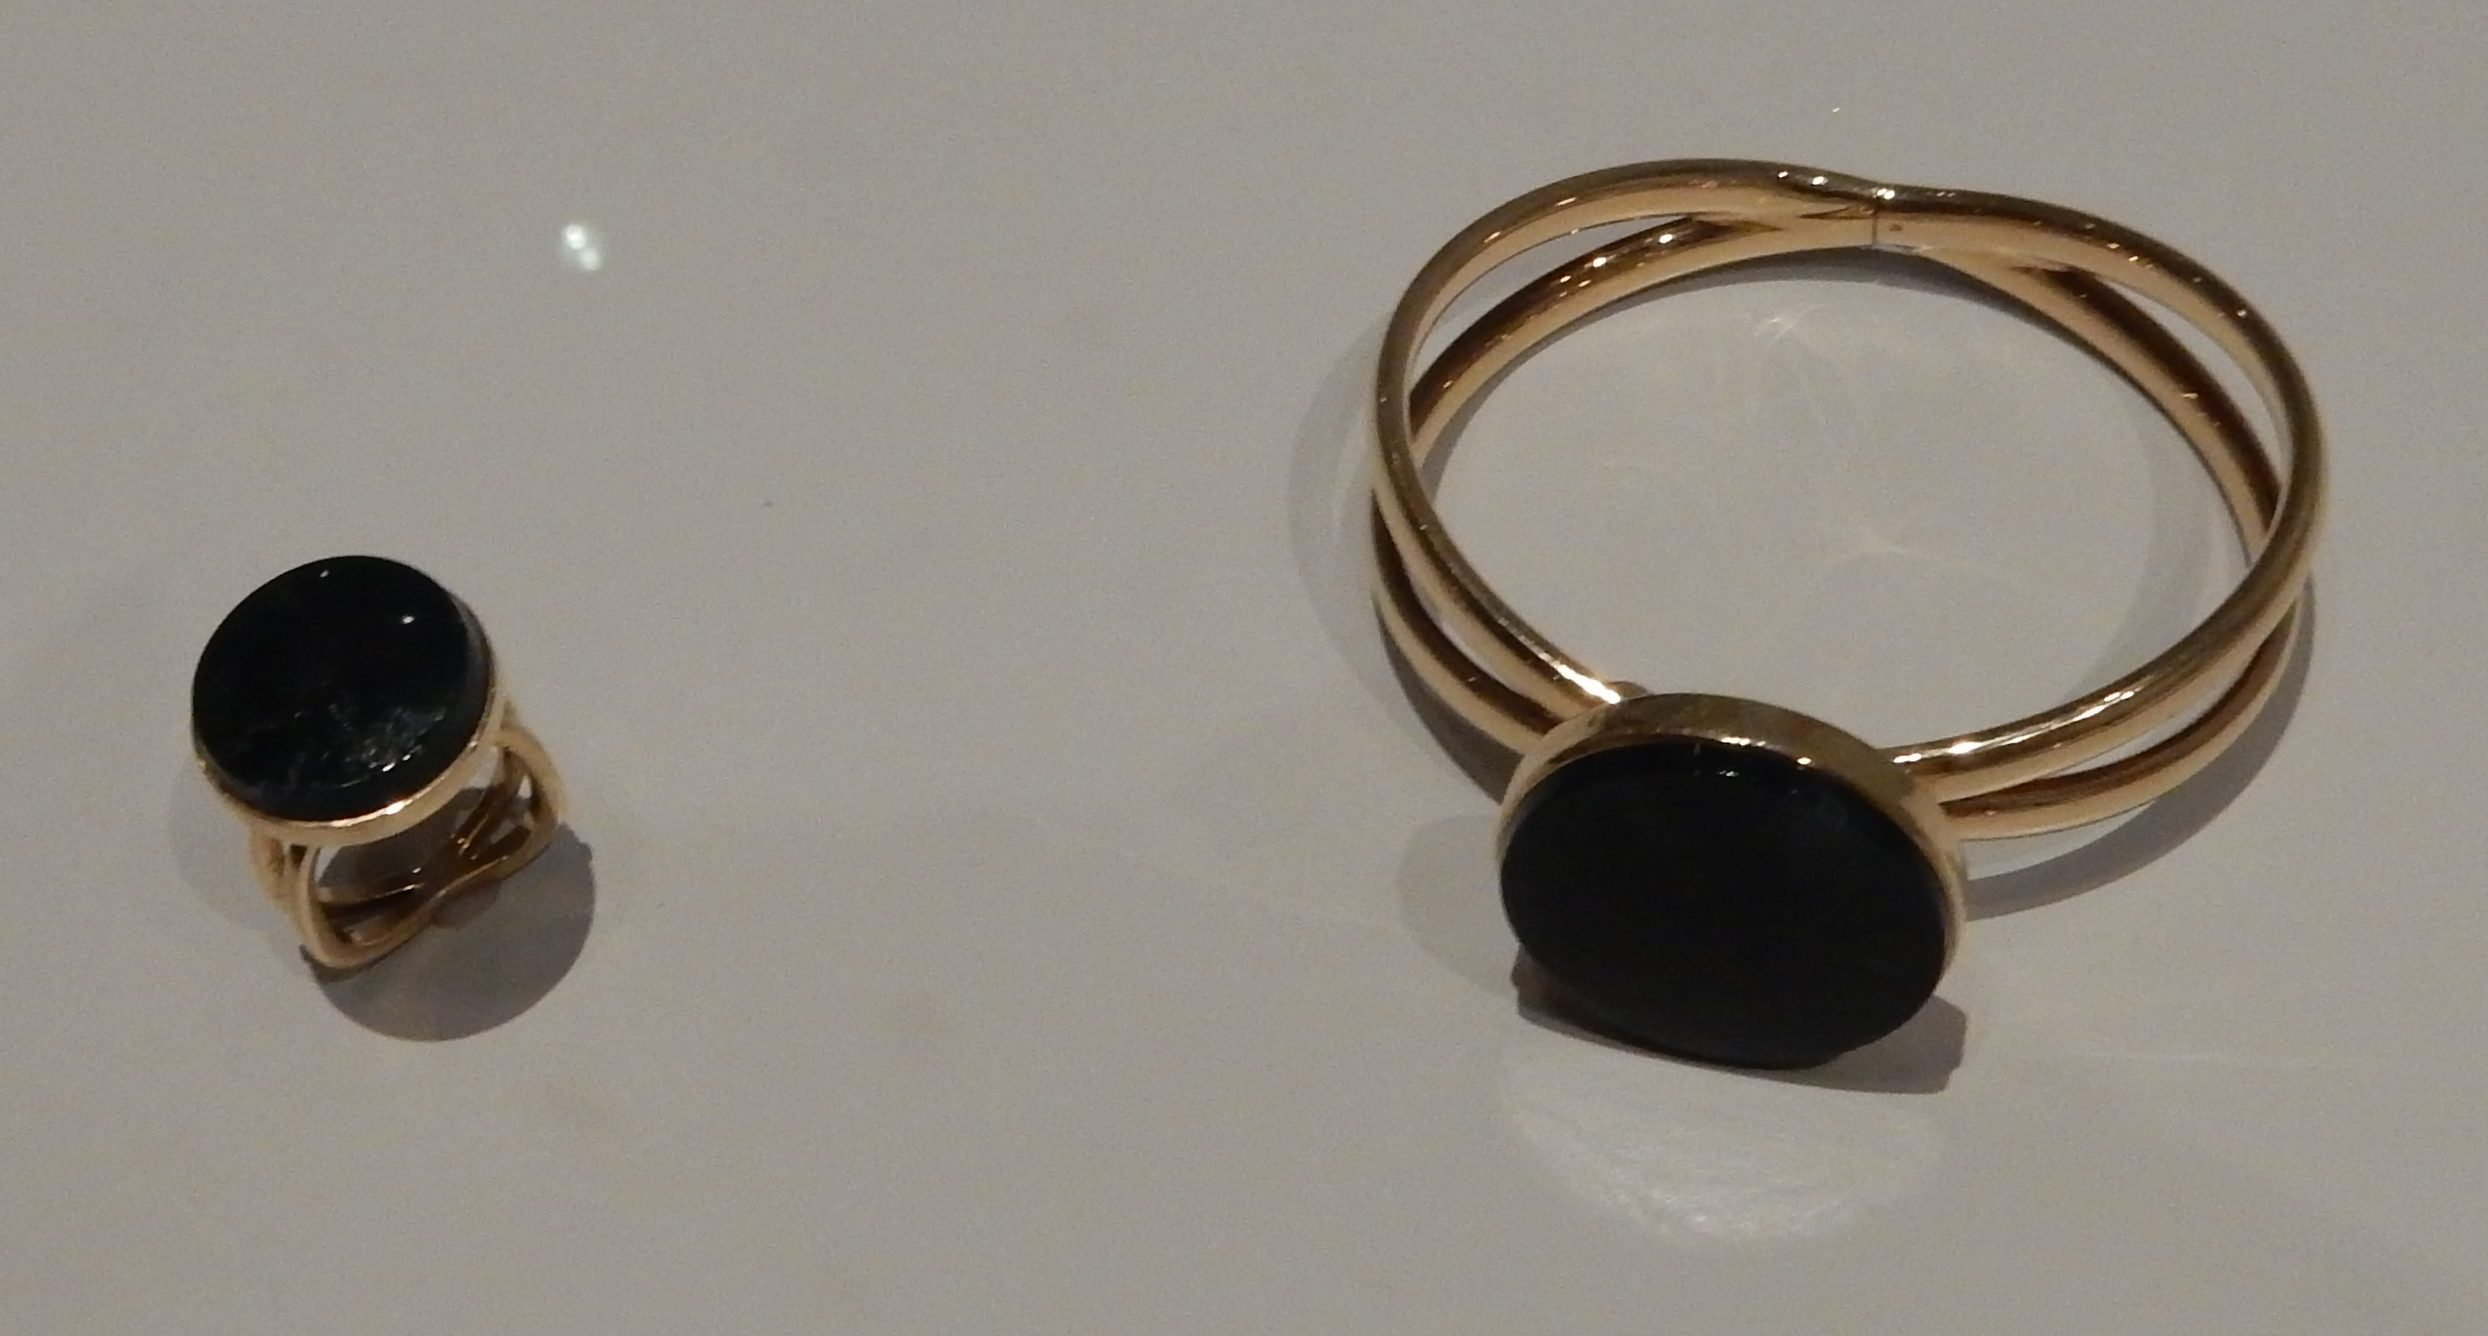 Koninklijke Van Kempen & Begeer N.V., ring en armband, 1965-1970. Rijksmuseum (BK-2018-2-31-1, 2) afdeling Tweede helft twintigste eeuw. Foto Esther Doornbusch, november 2018©